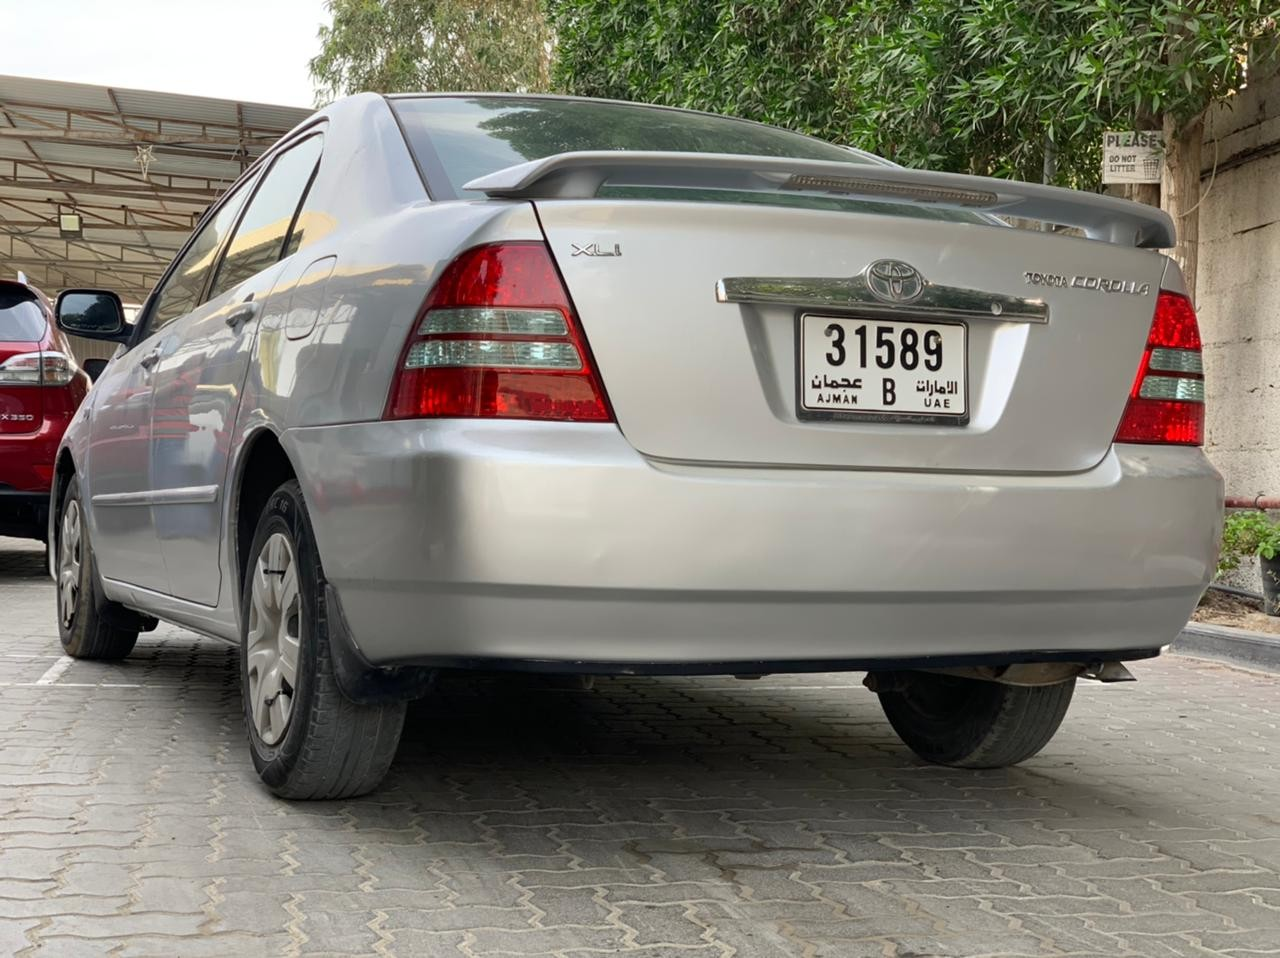 Kelebihan Kekurangan Corolla 2003 Perbandingan Harga